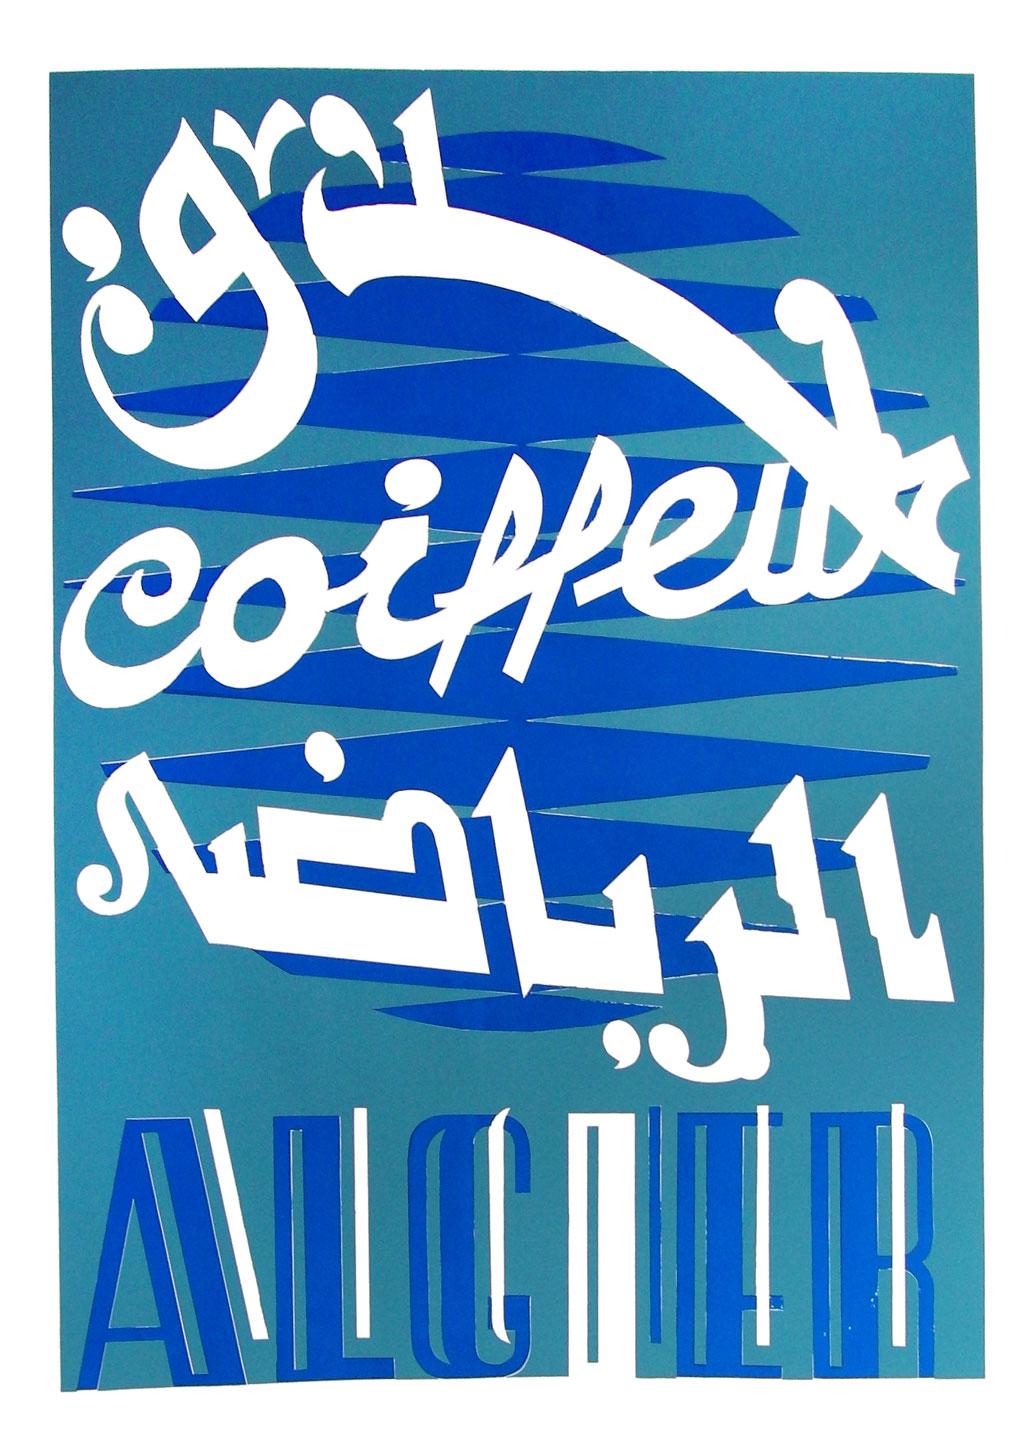 Algier_Posters_Coiffeur